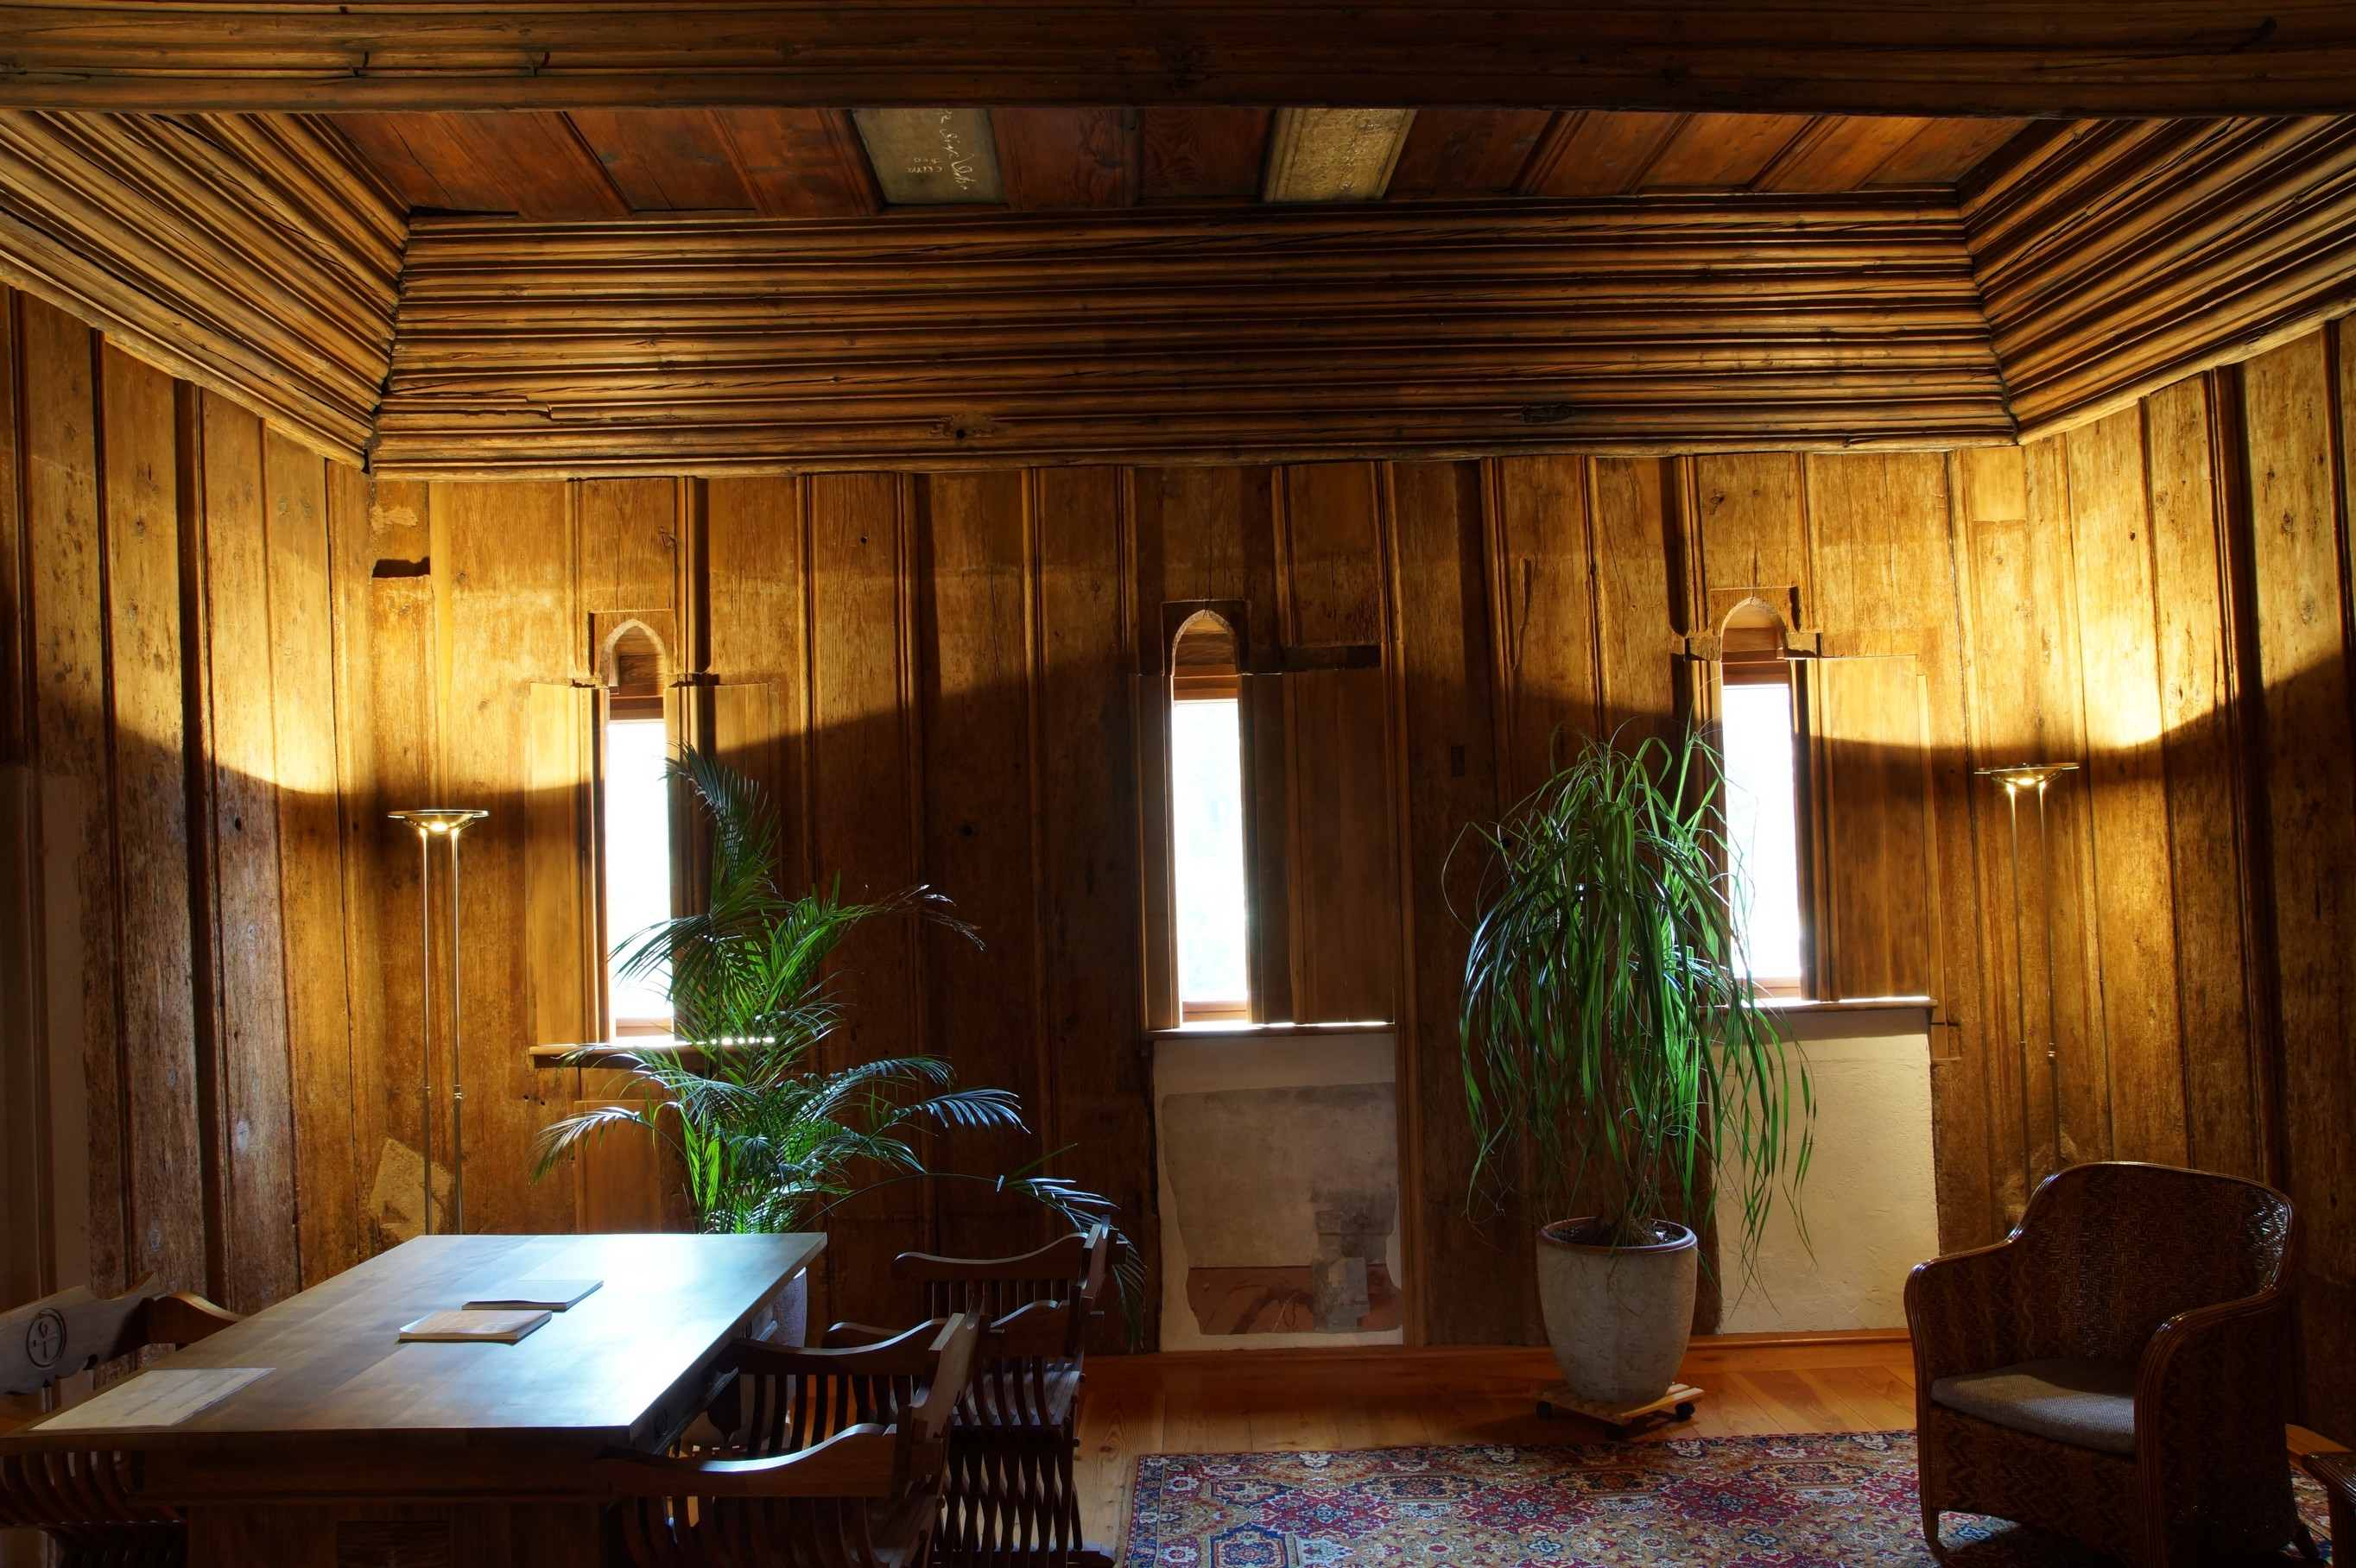 Bohlenstube mit rekonstruierten gotischen Fenstern